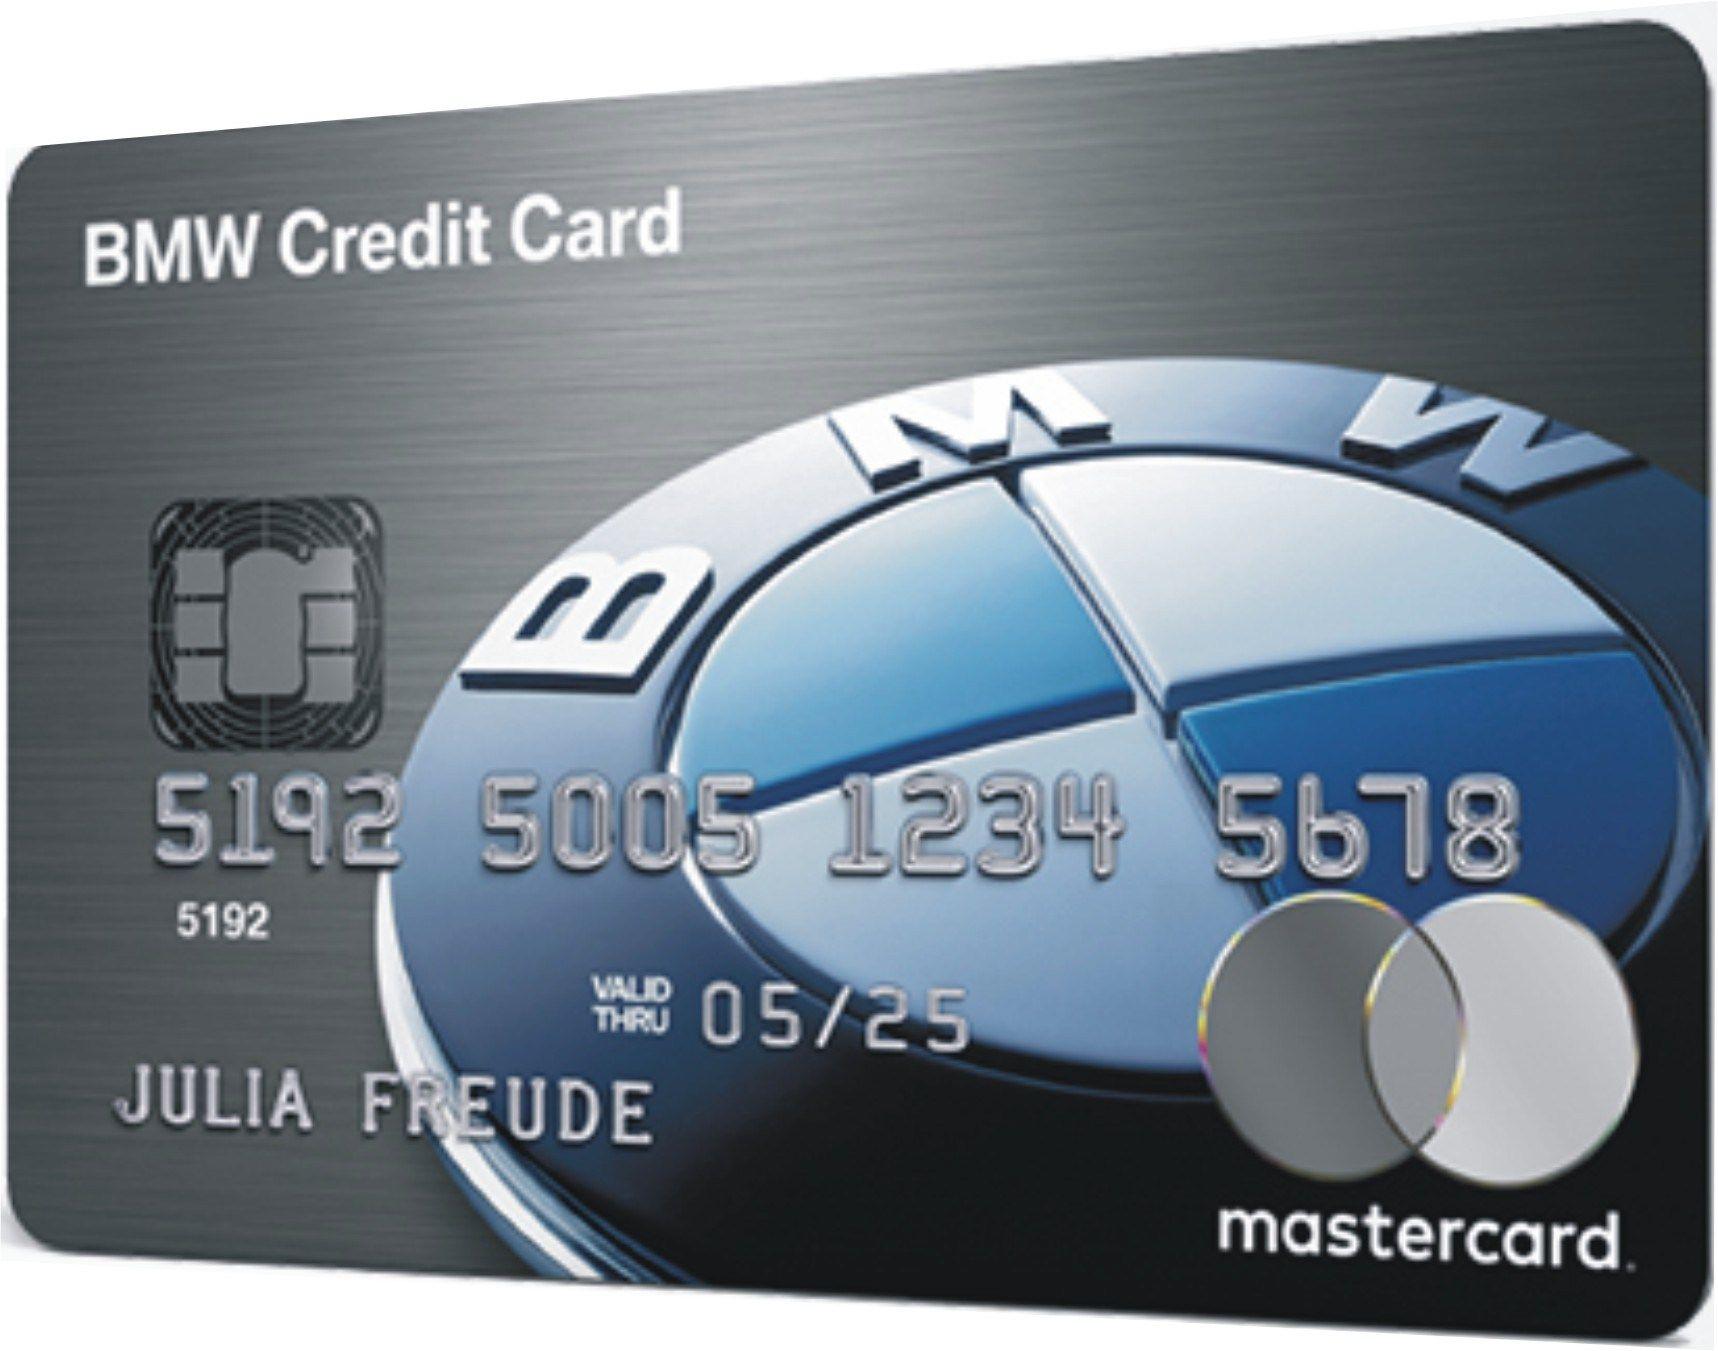 Bmw platinum visa credit card review credit card reviews